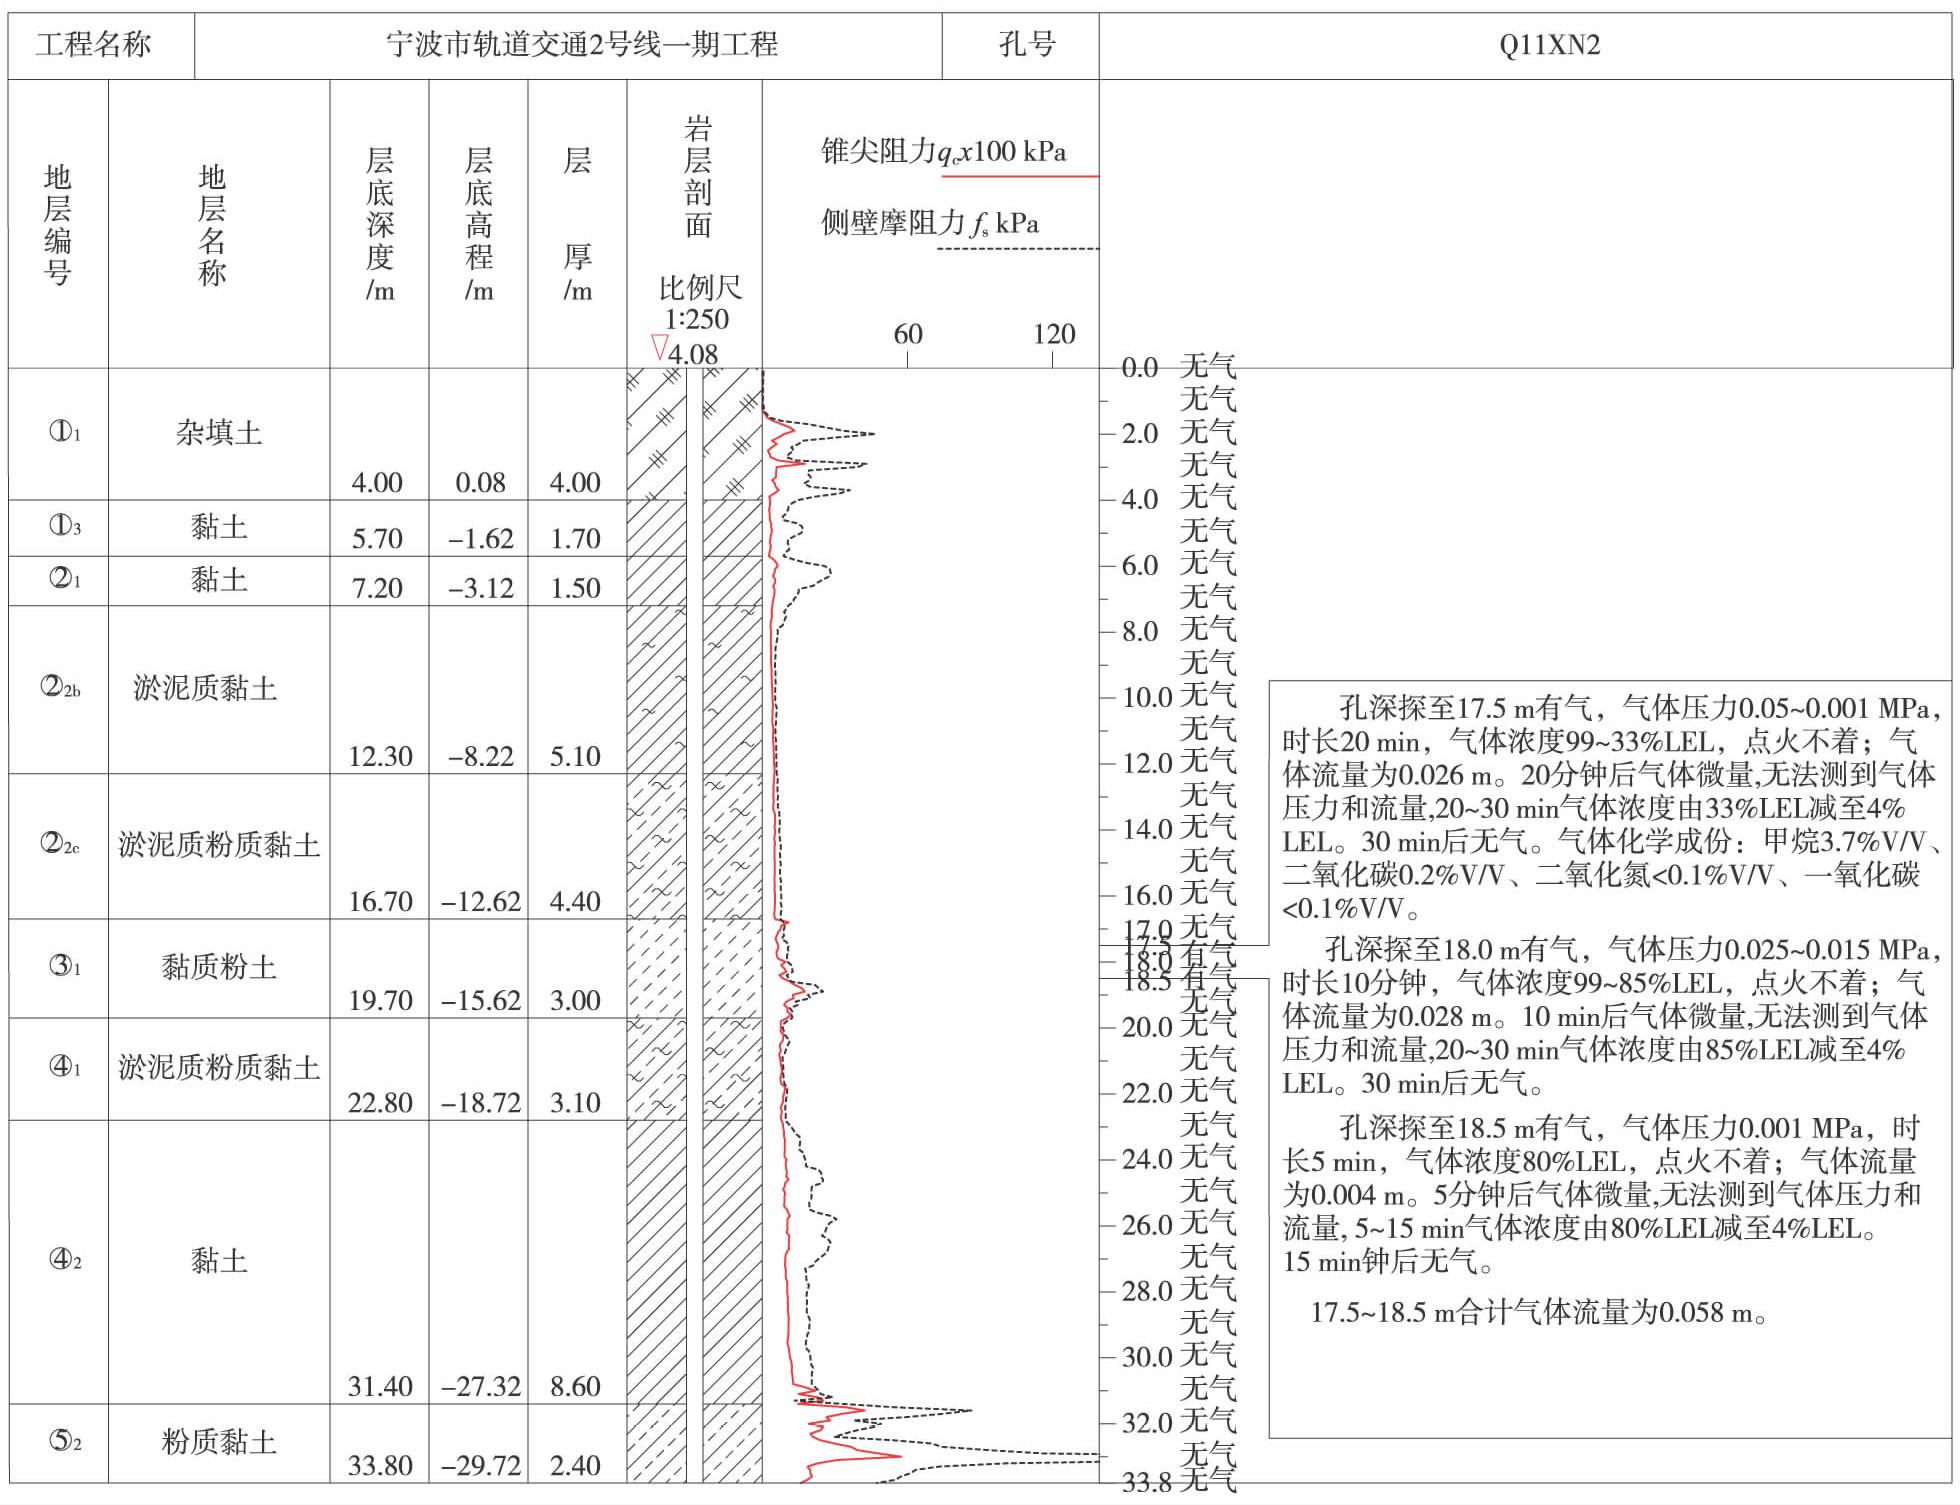 黄渤海浅层气的分布及特征综述